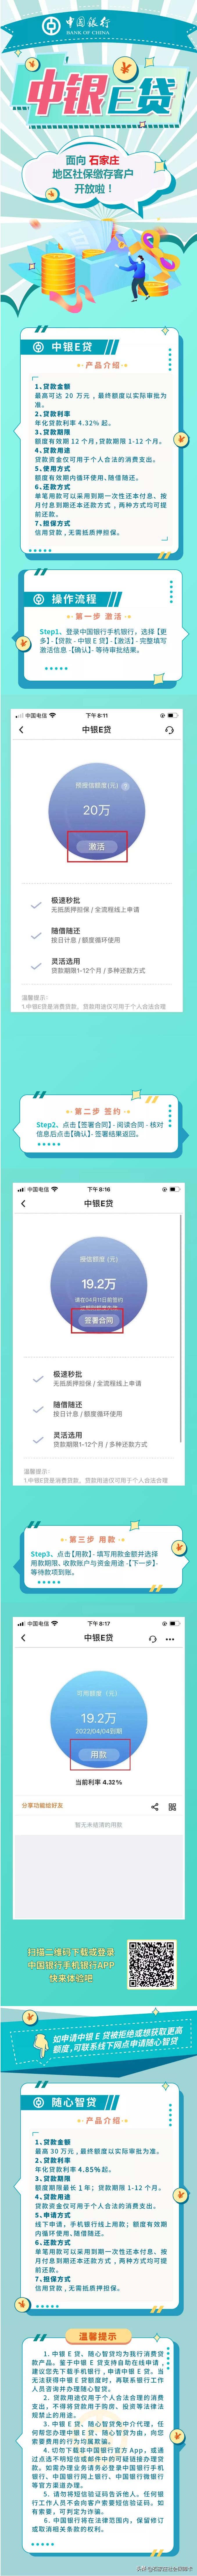 中国银行线上信用贷款中银E贷,面向社保缴纳客户开放啦!